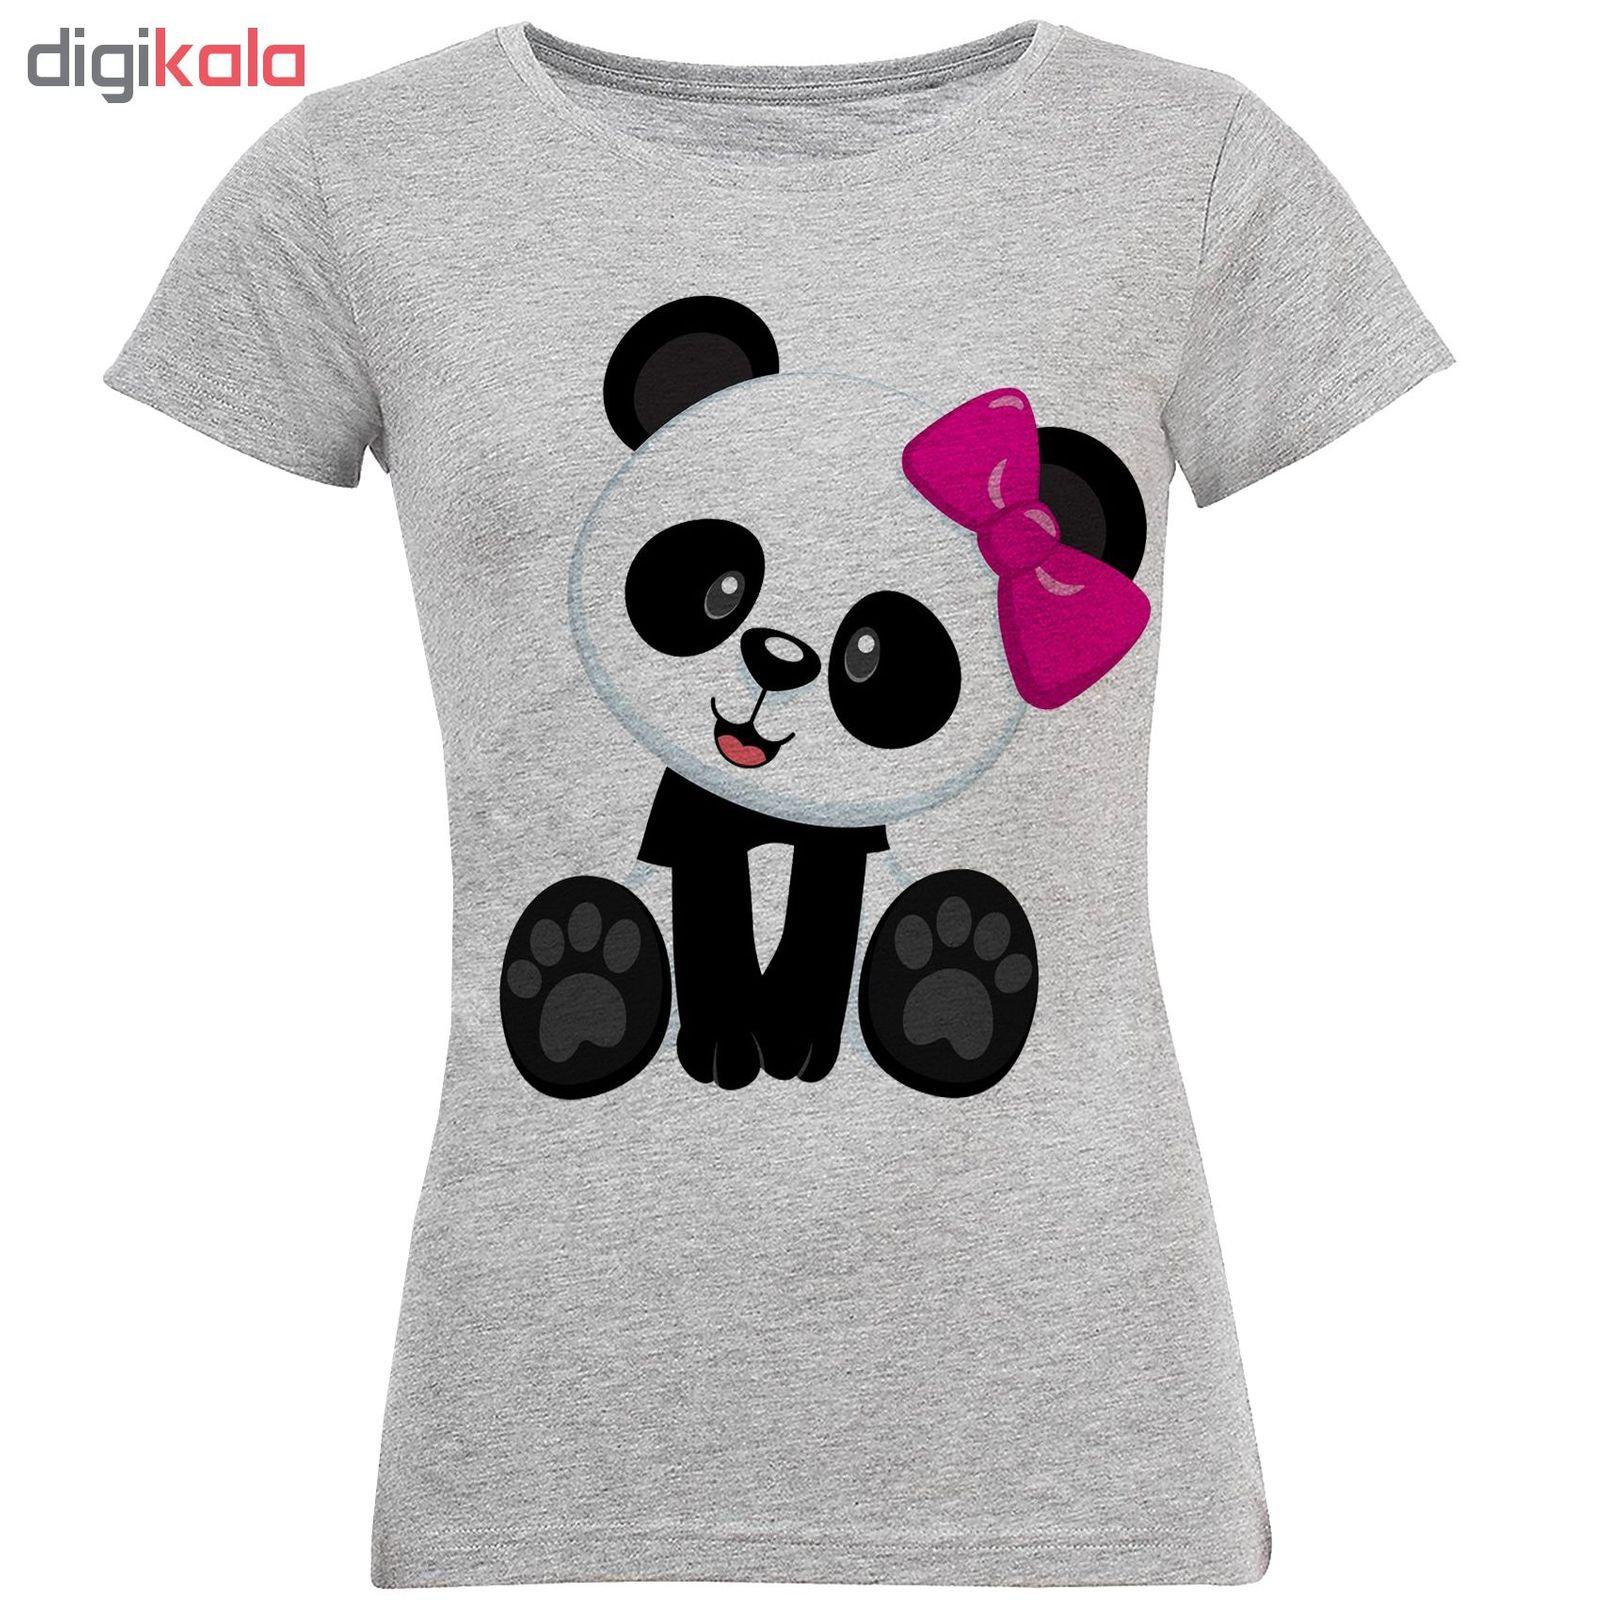 تی شرت آستین کوتاه زنانه طرح پاندا مدل S268 main 1 1